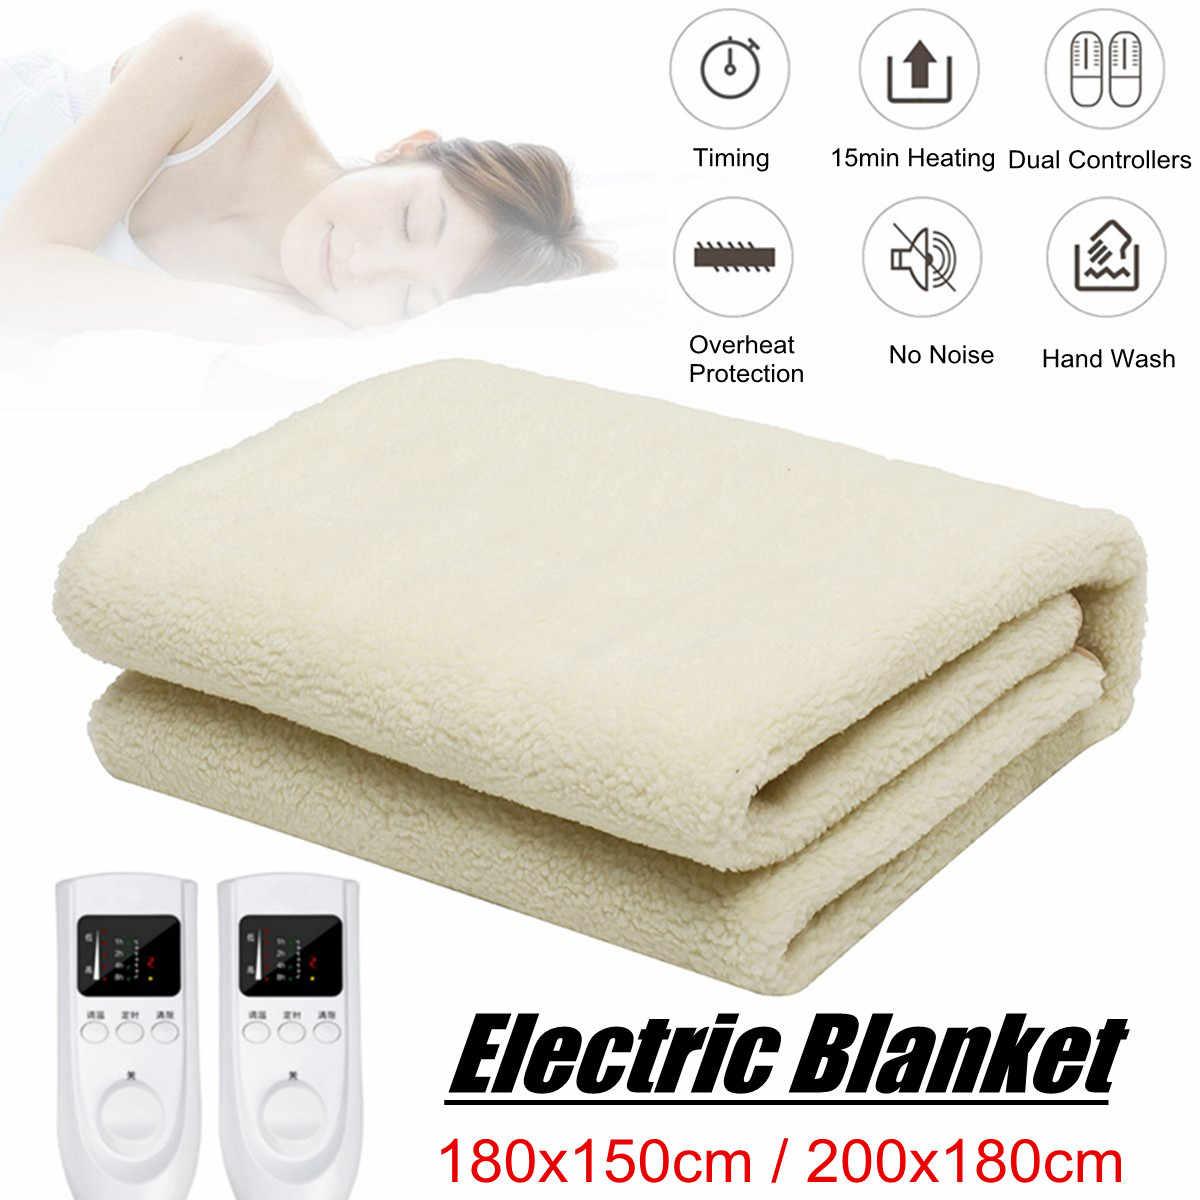 Теплое одеяло с электрическим подогревом, мягкое нижнее двухъярусное одеяло, грелка для тела, двойной контроллер цифрового таймера, электрический нагревательный матрас, термостат